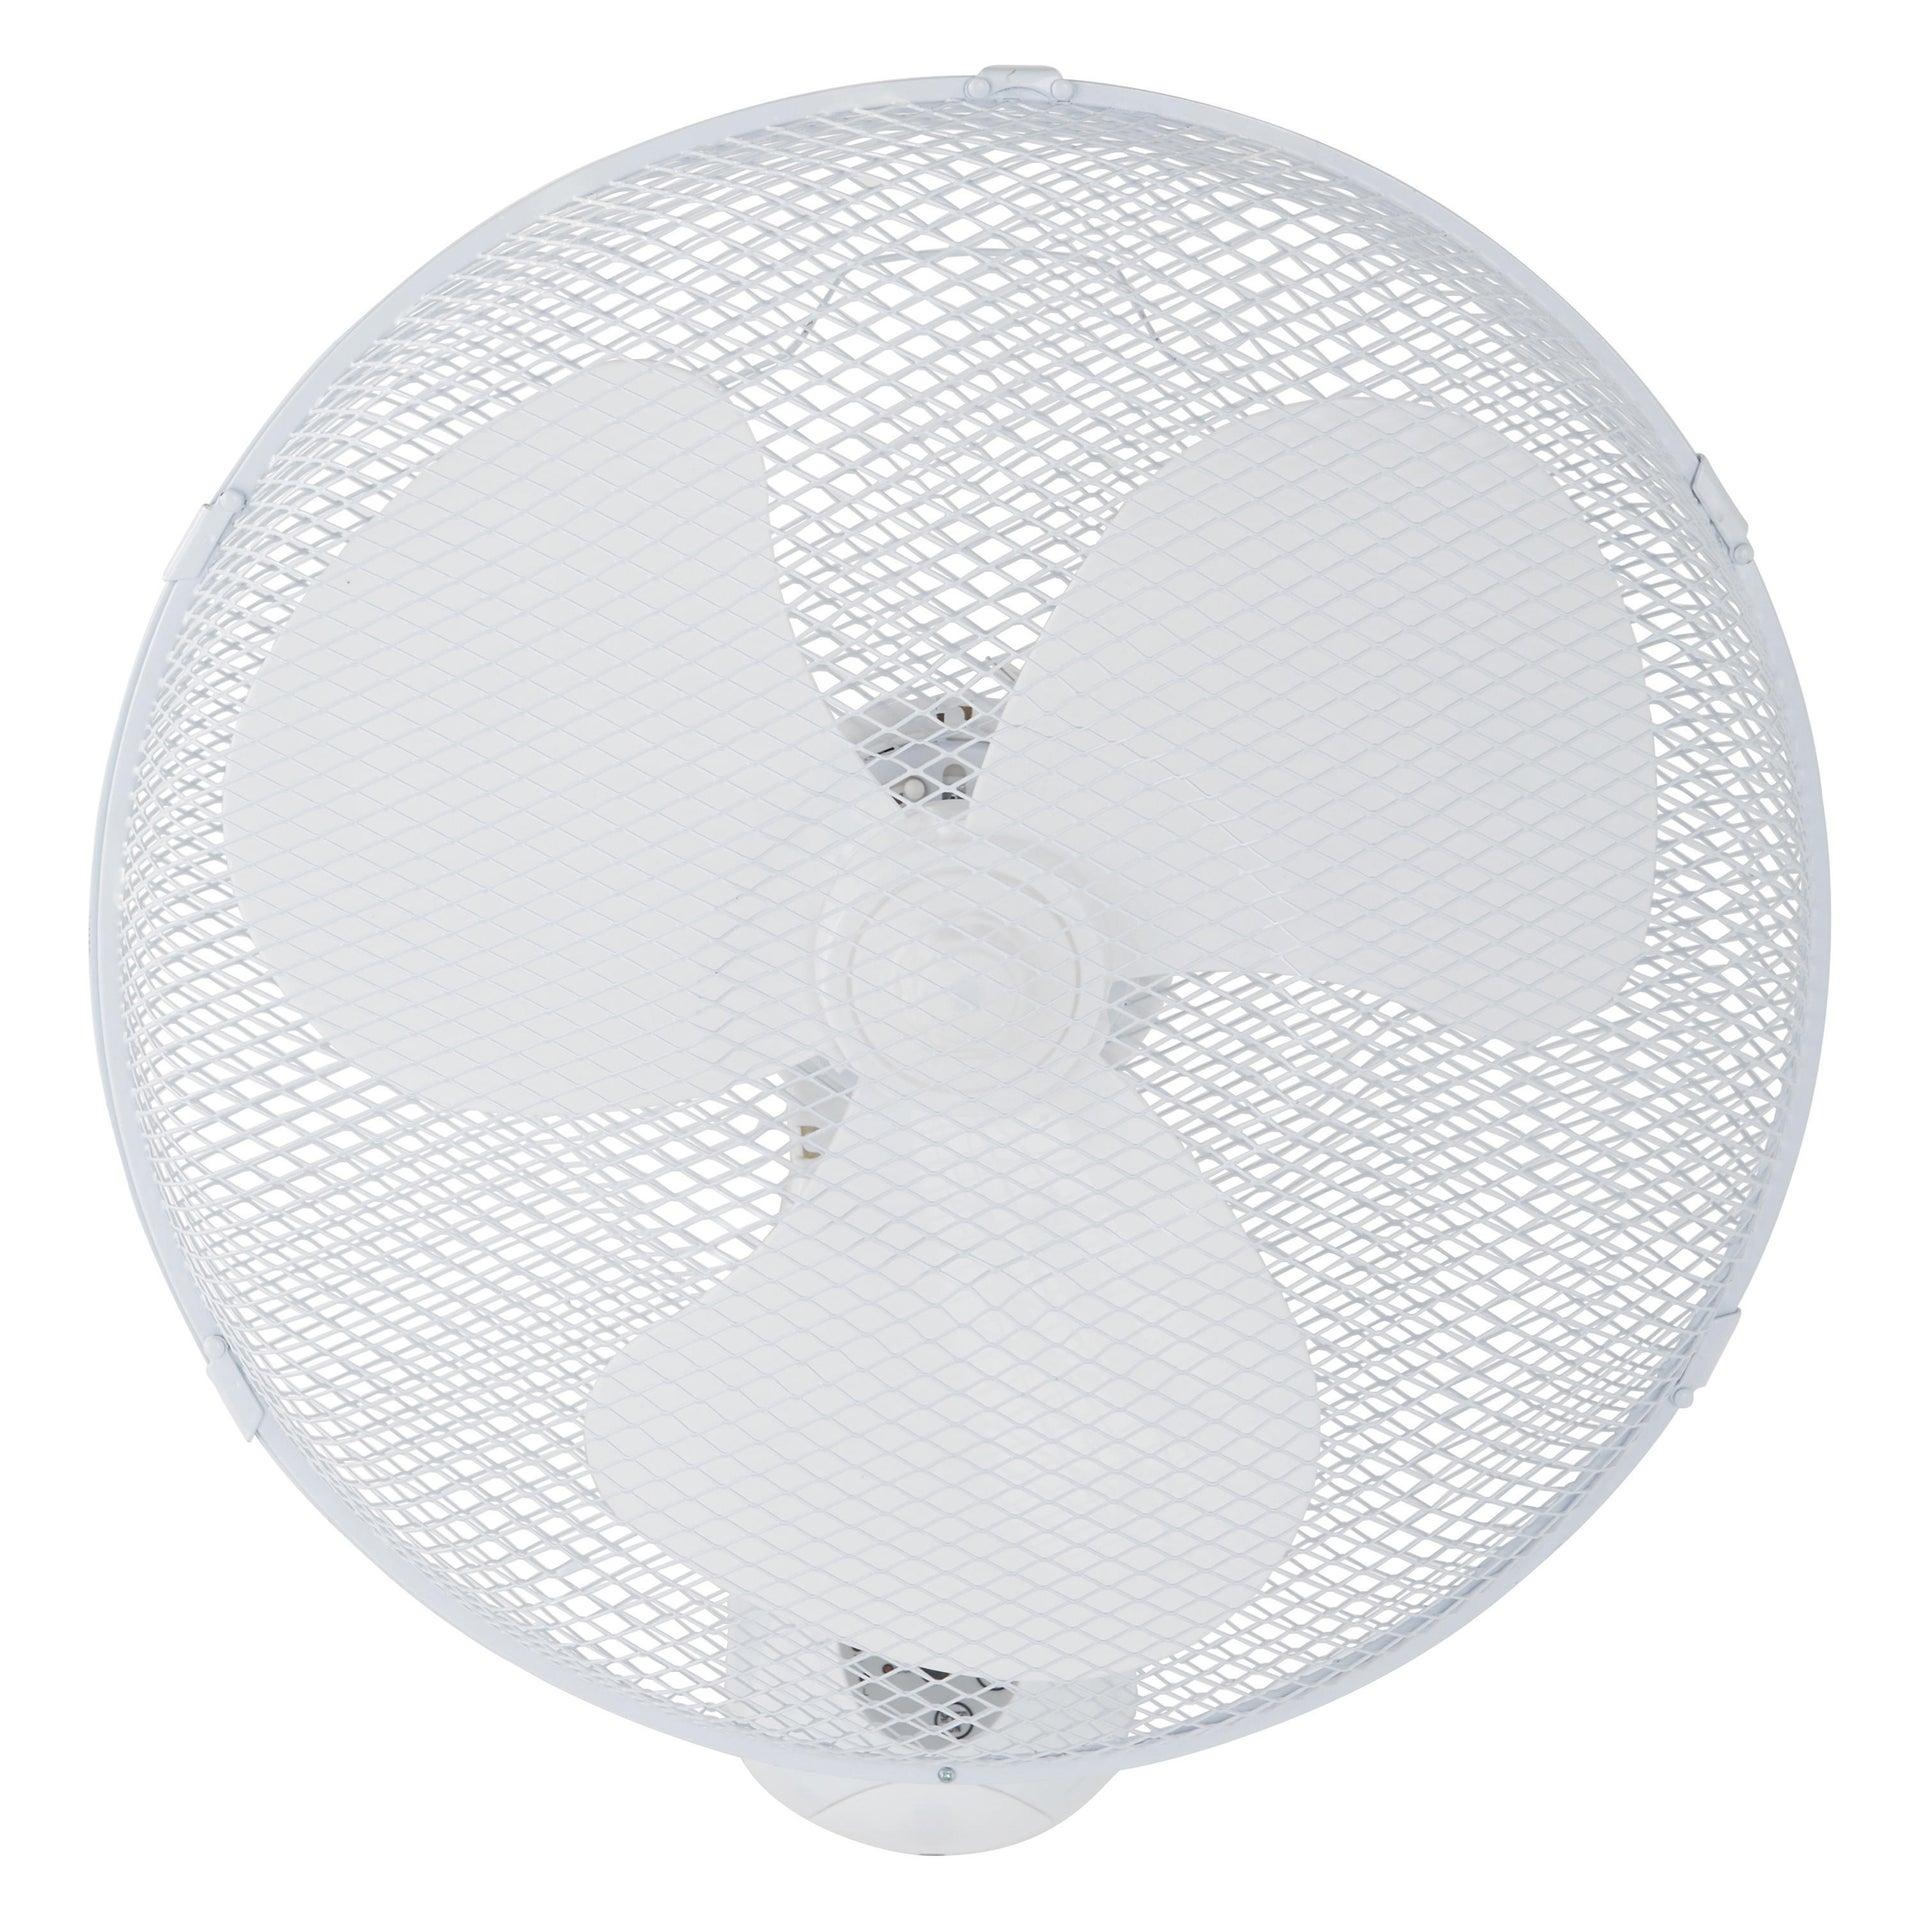 Ventilatore a parete EQUATION Derby bianco 45.0 W Ø 40.0 cm - 3